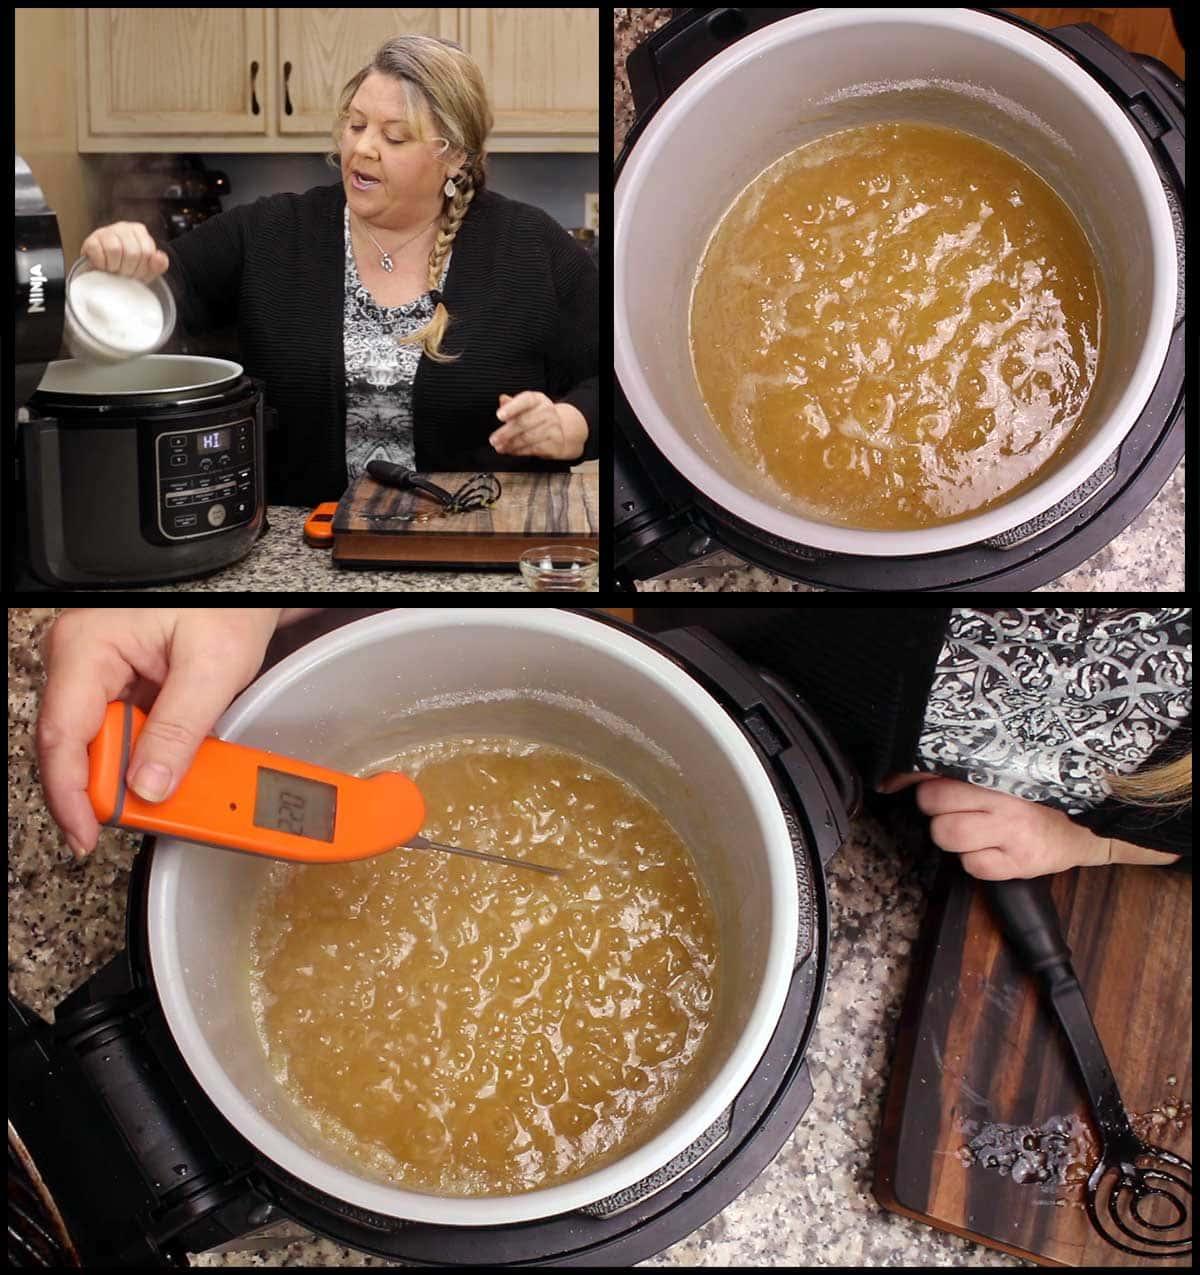 adding sugar and brining banana jam back up to 220 degrees